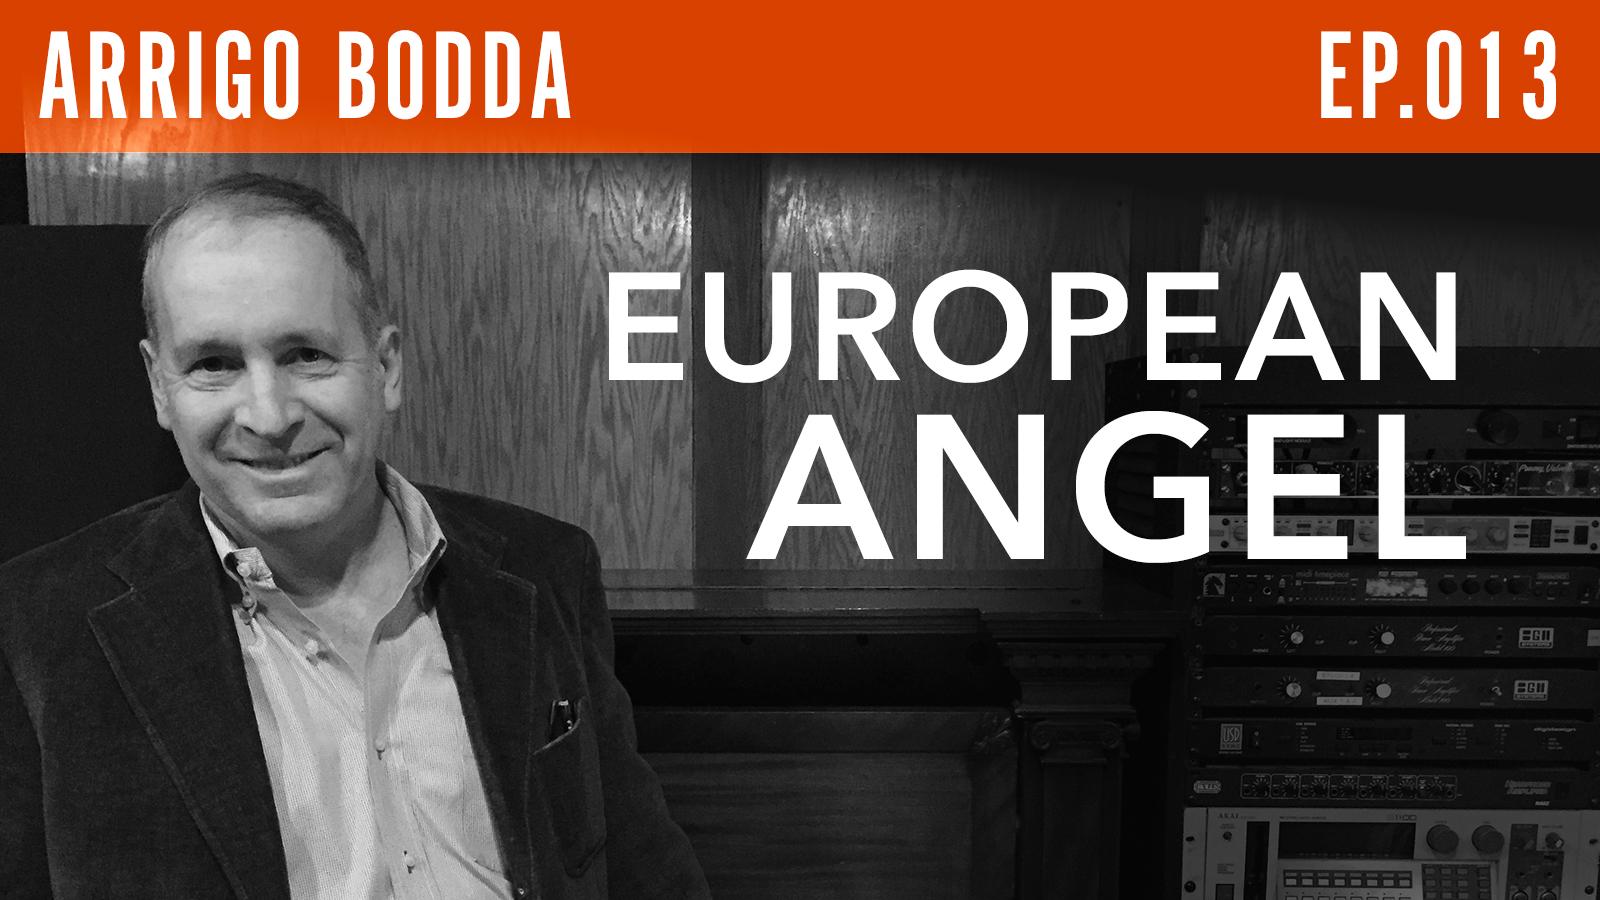 Arrigo Bodda  European Angel